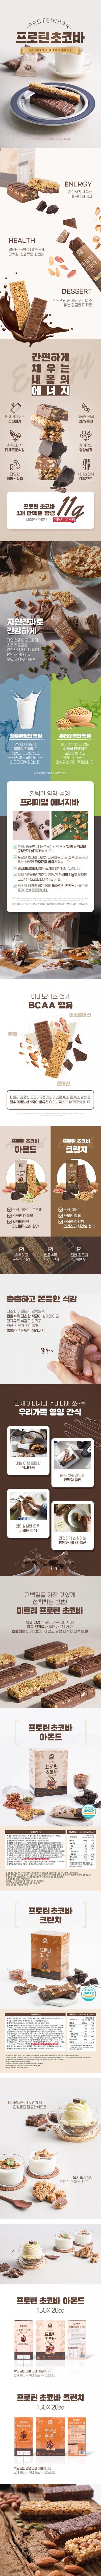 [D144]초코바 상세페이지 제작+촬영